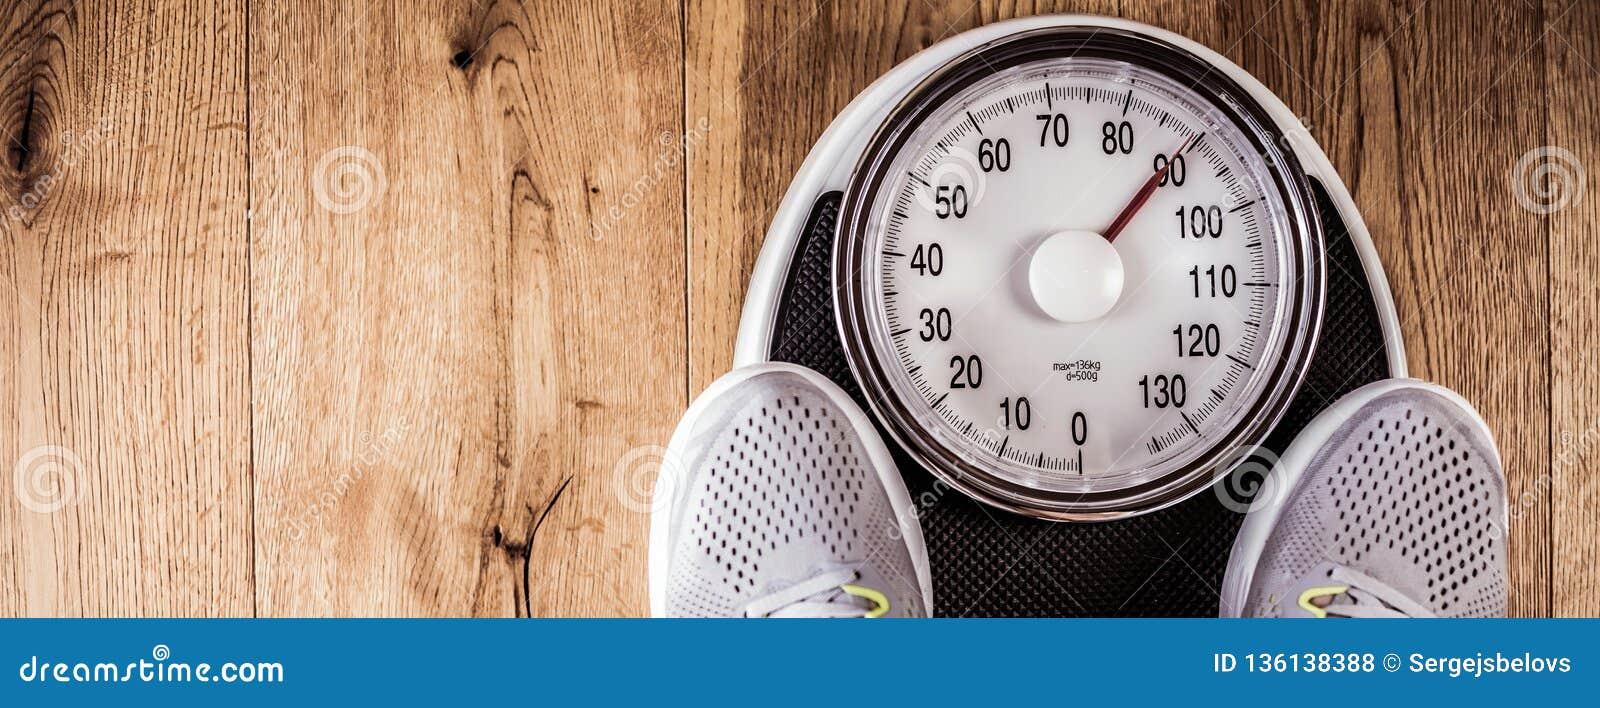 Люди стоя дальше весят масштабы на спортзале Измерение талии рулеткой concept healthy lifestyle